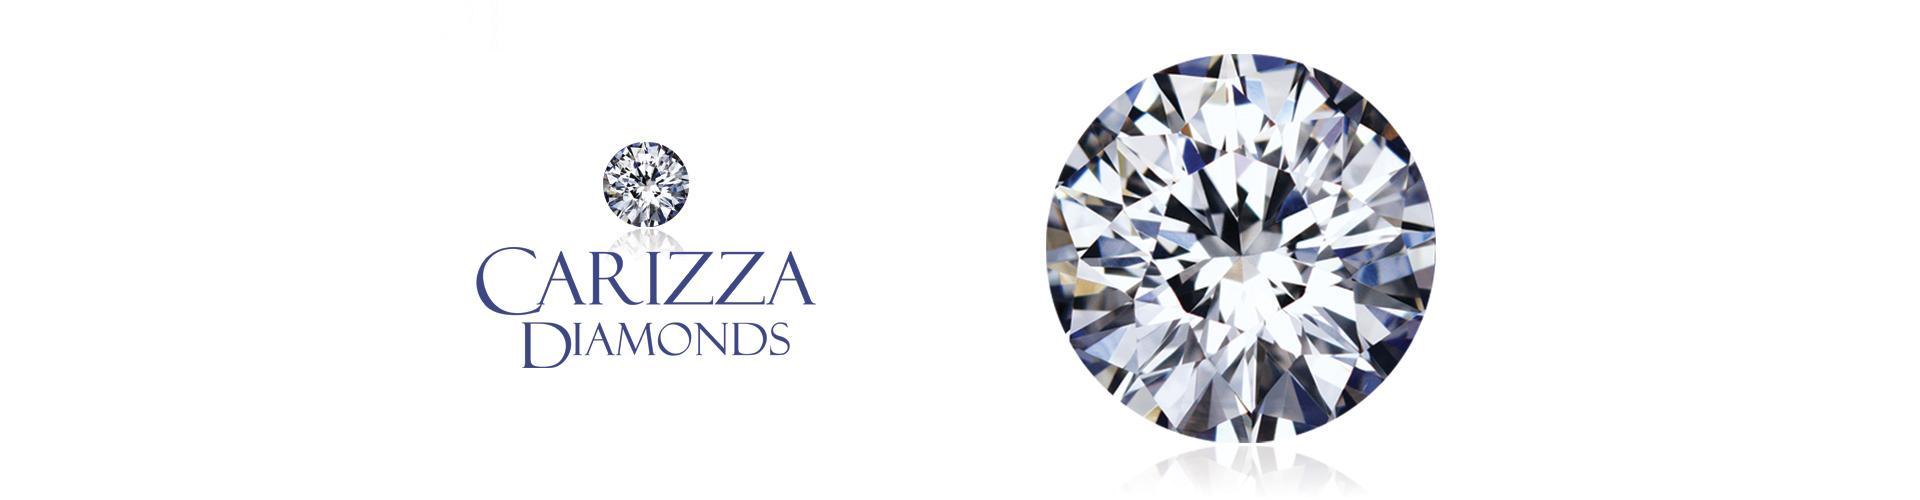 The Carizza Diamond